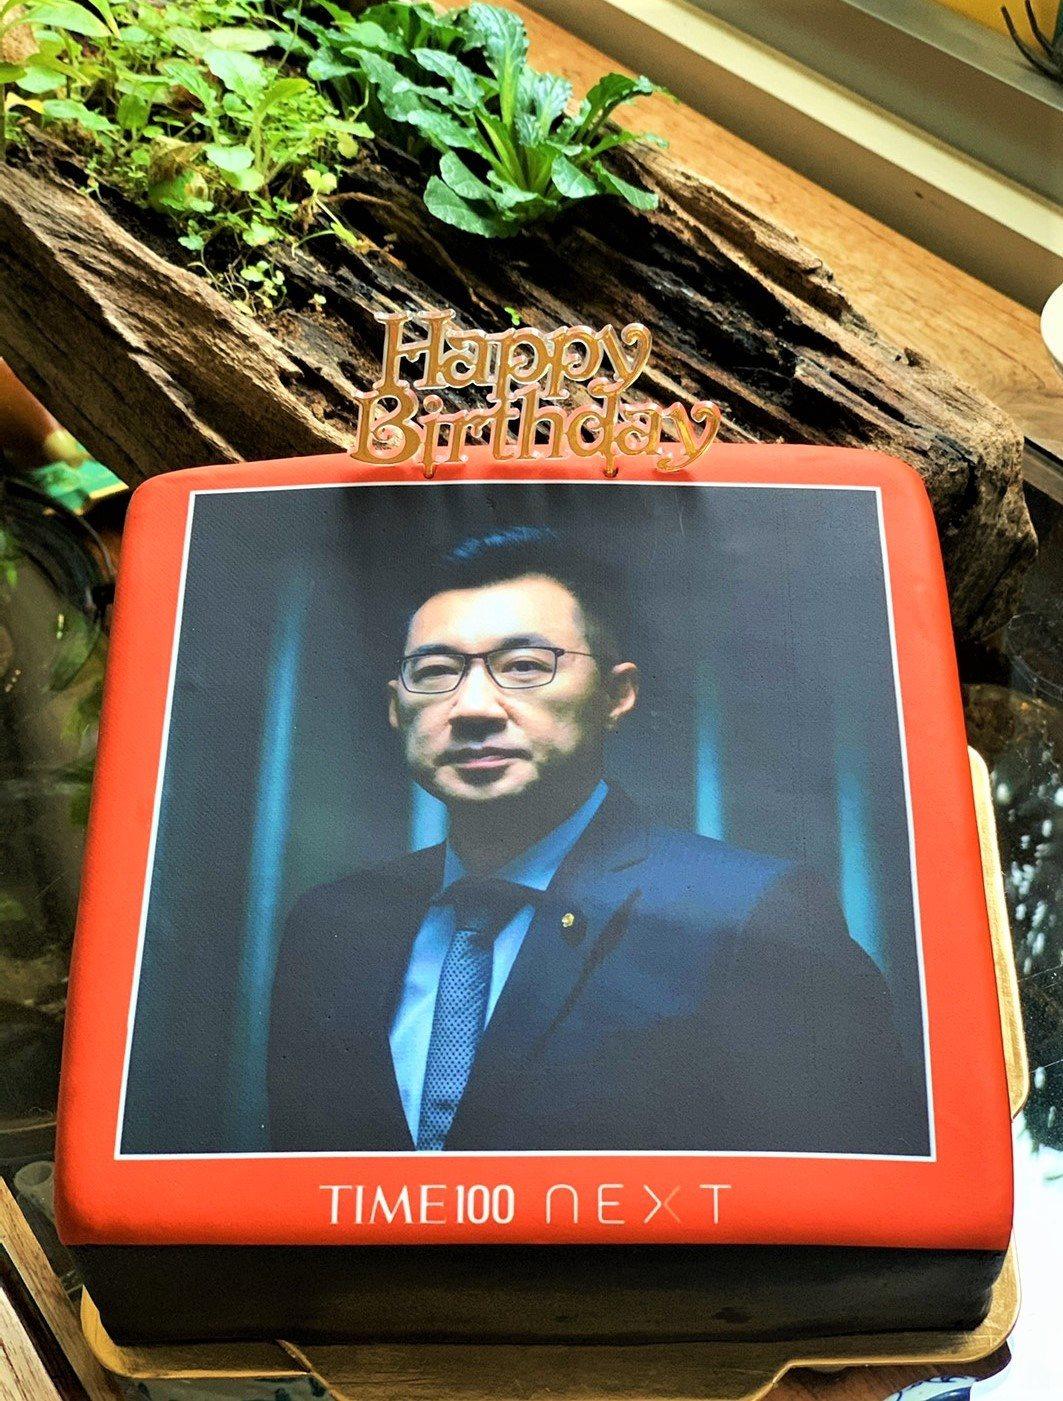 劉曉萍送給國民黨主席江啟臣的翻糖蛋糕。 圖/劉曉萍 提供